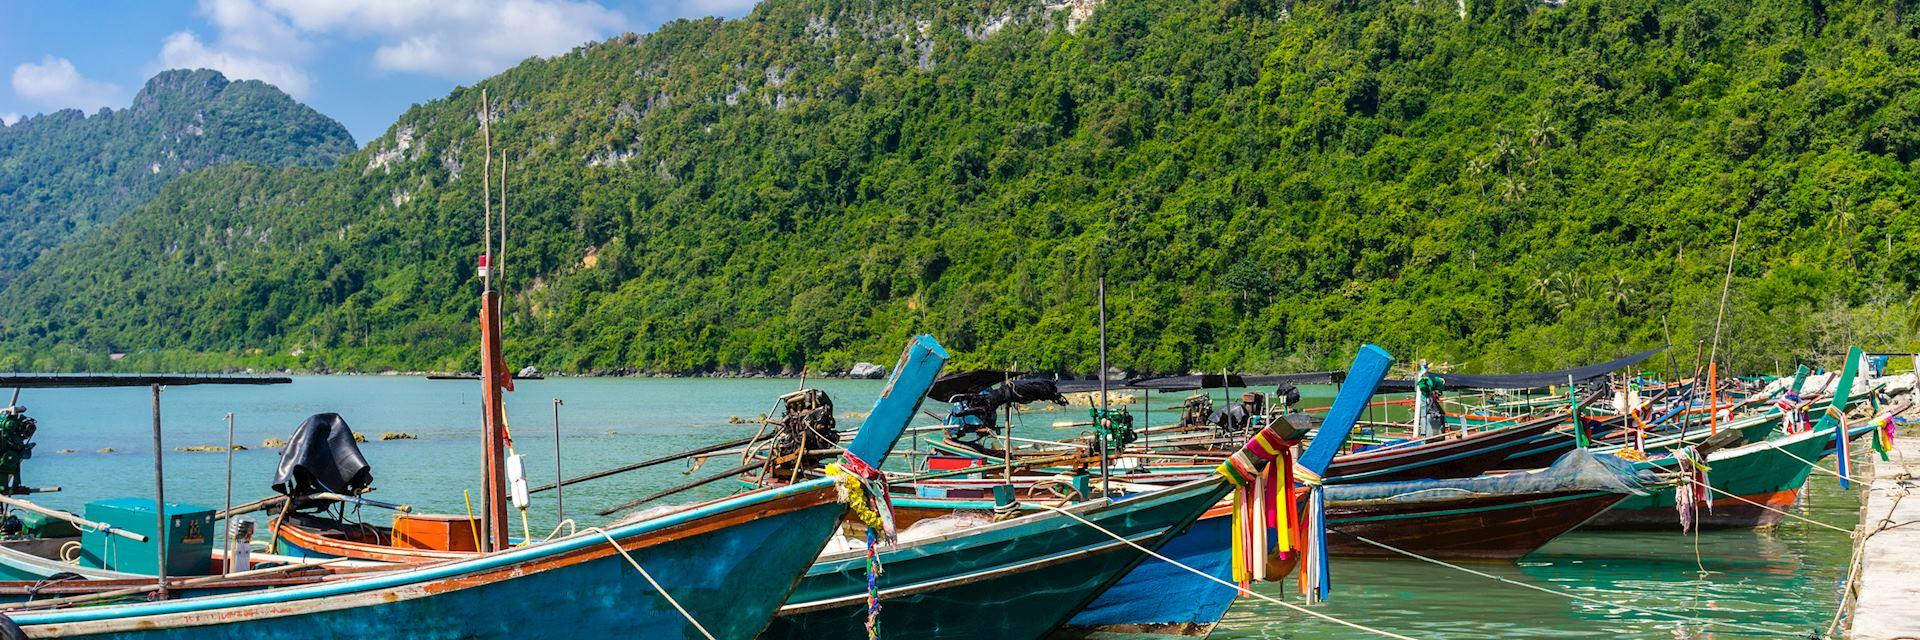 Long-tail boats docked at Khanom beach